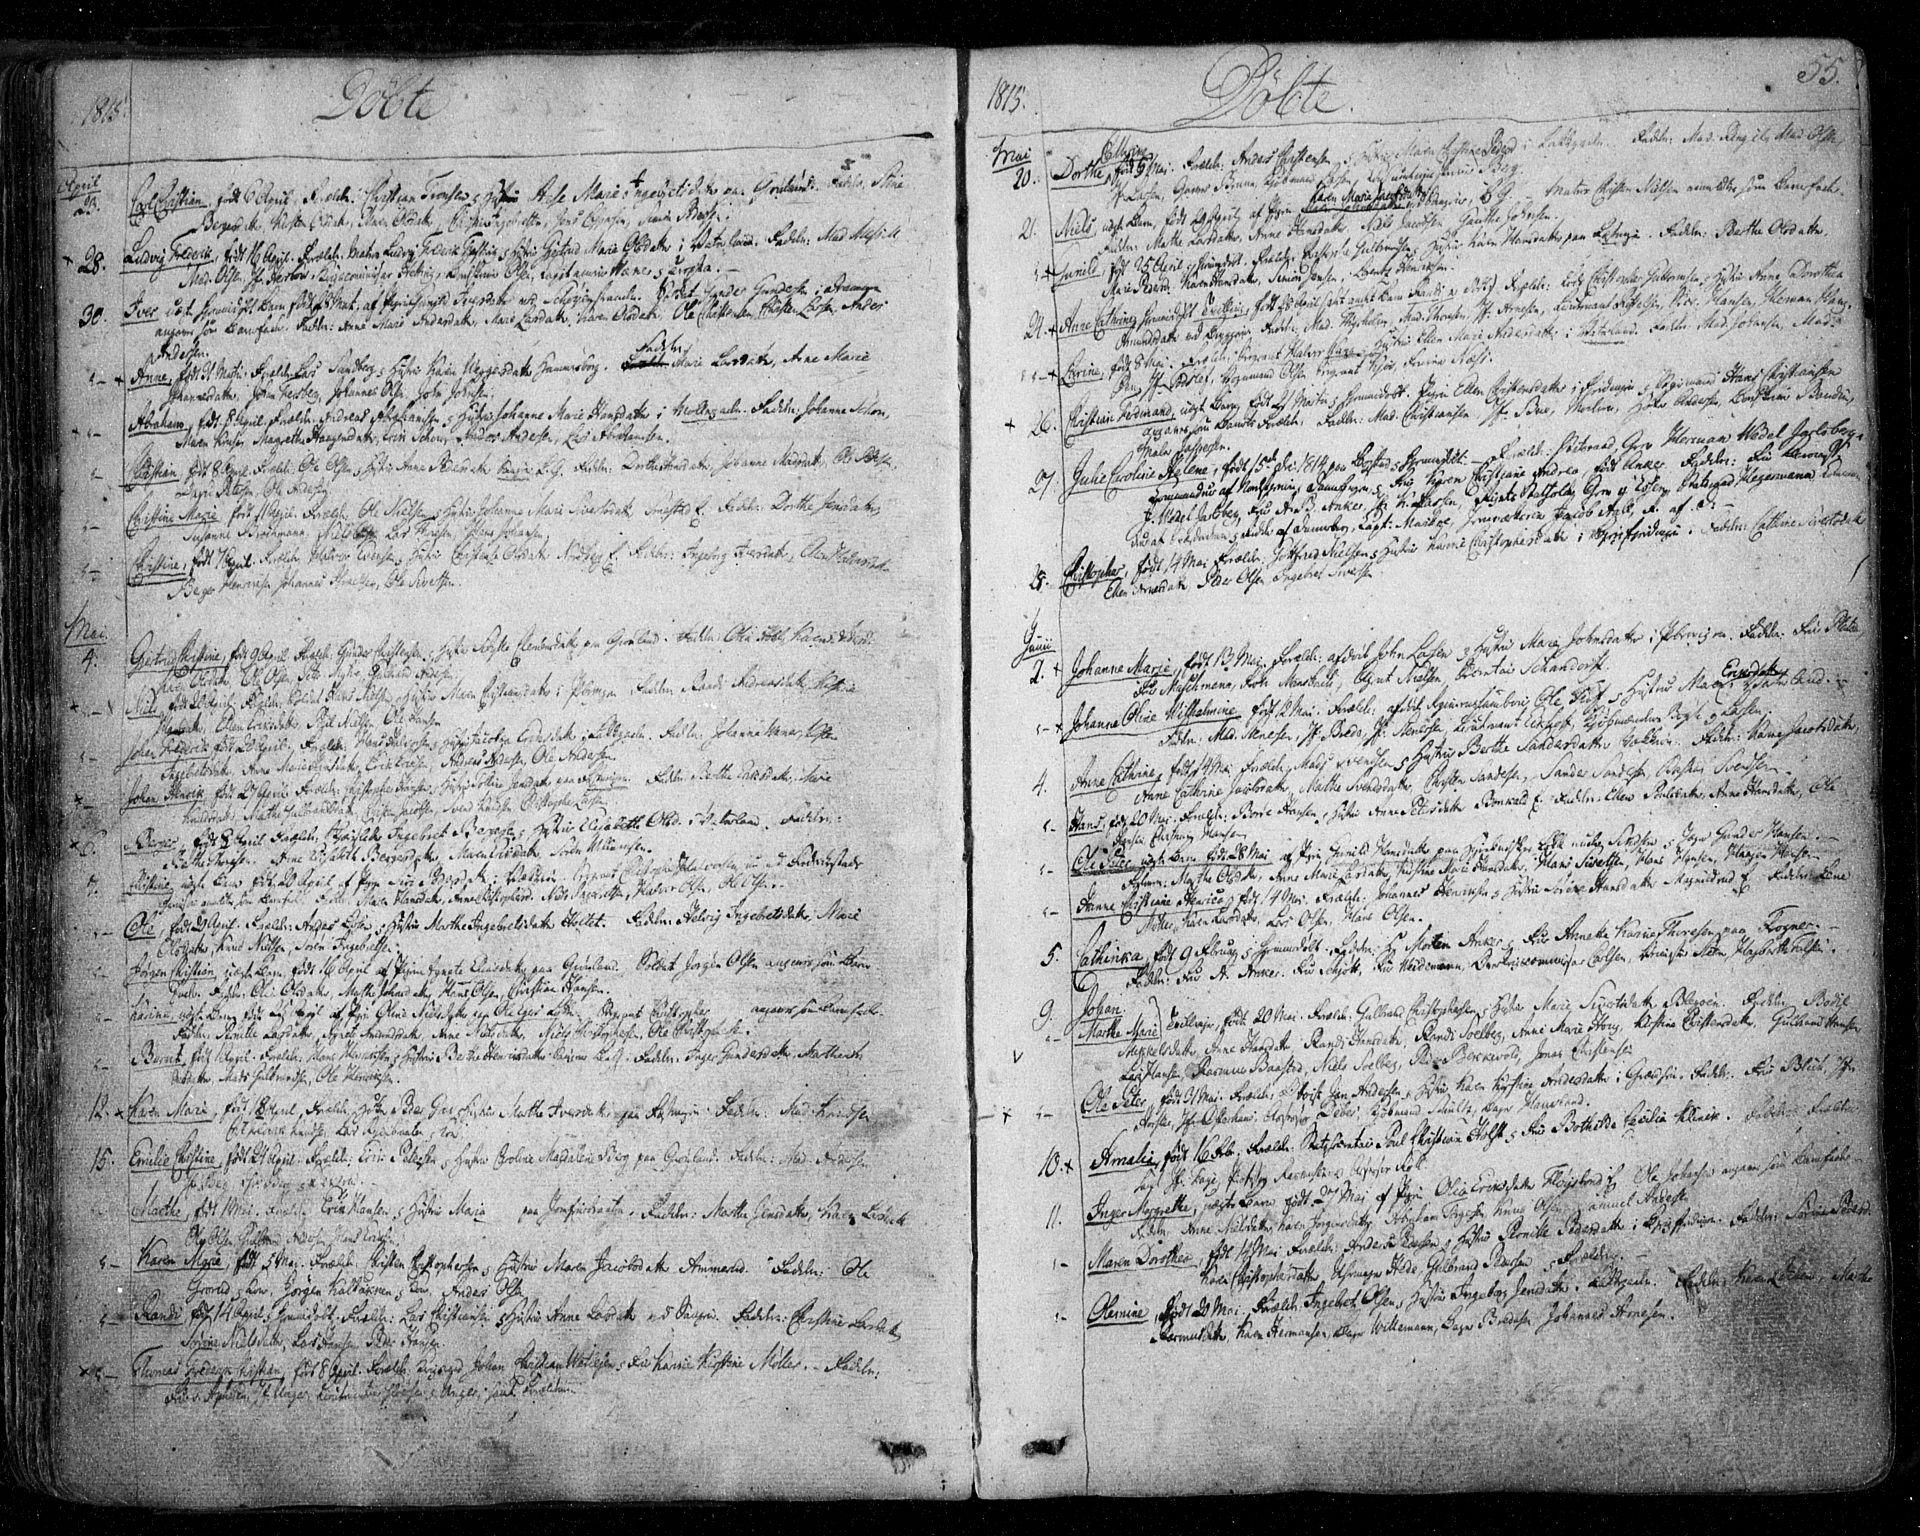 SAO, Aker prestekontor kirkebøker, F/L0011: Ministerialbok nr. 11, 1810-1819, s. 55